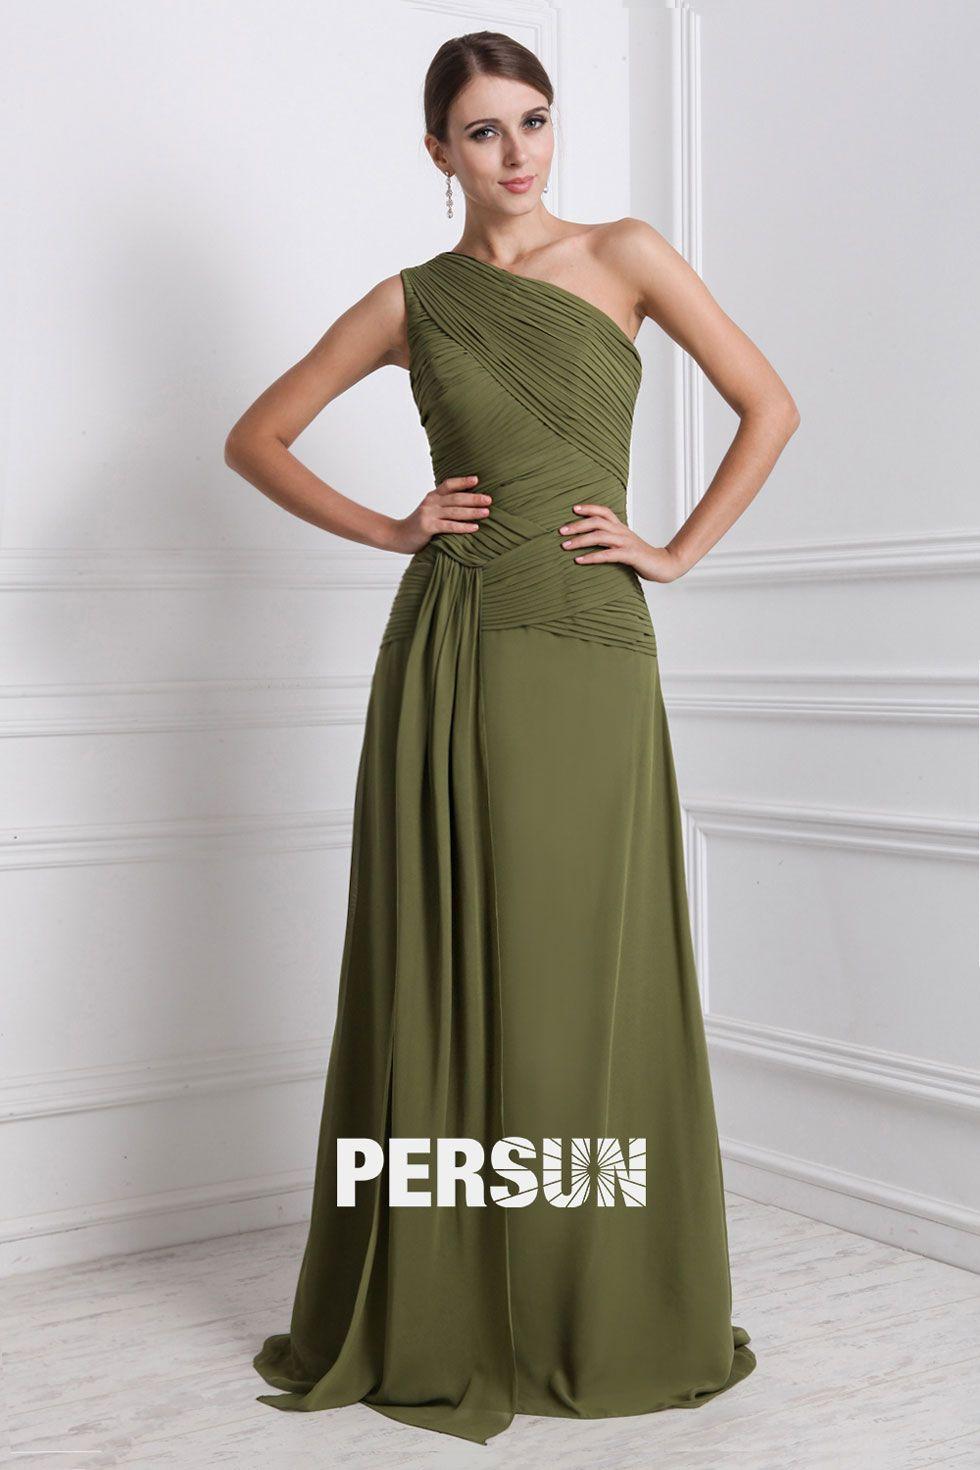 Over dress styles available. Robe mousseline longue encolure asymétrique  ornée de plissage oblique c817bbb97a2e